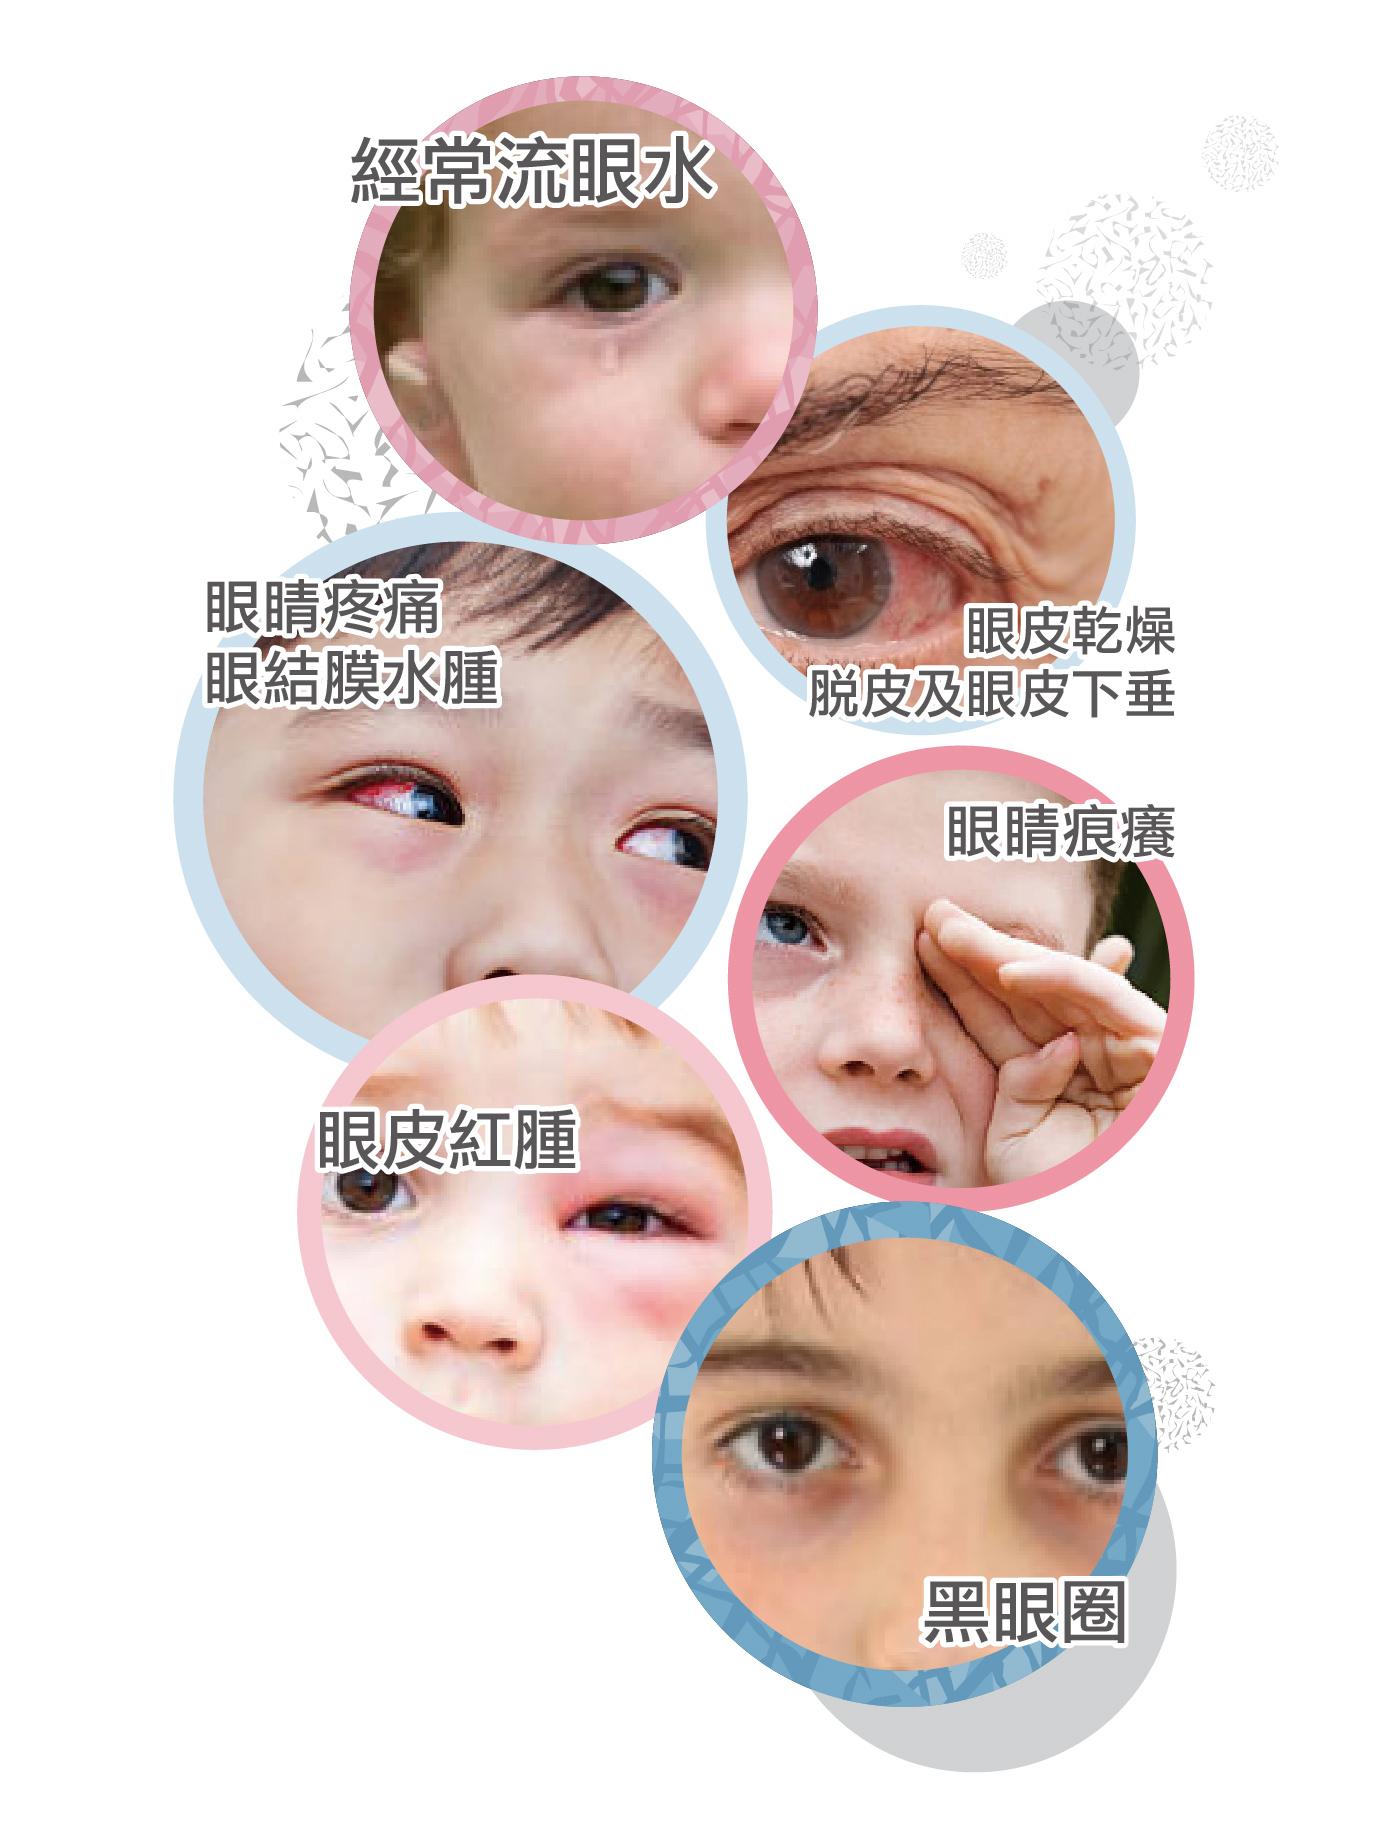 眼敏感會出現紅腫、黑眼圈、頭痛等症狀